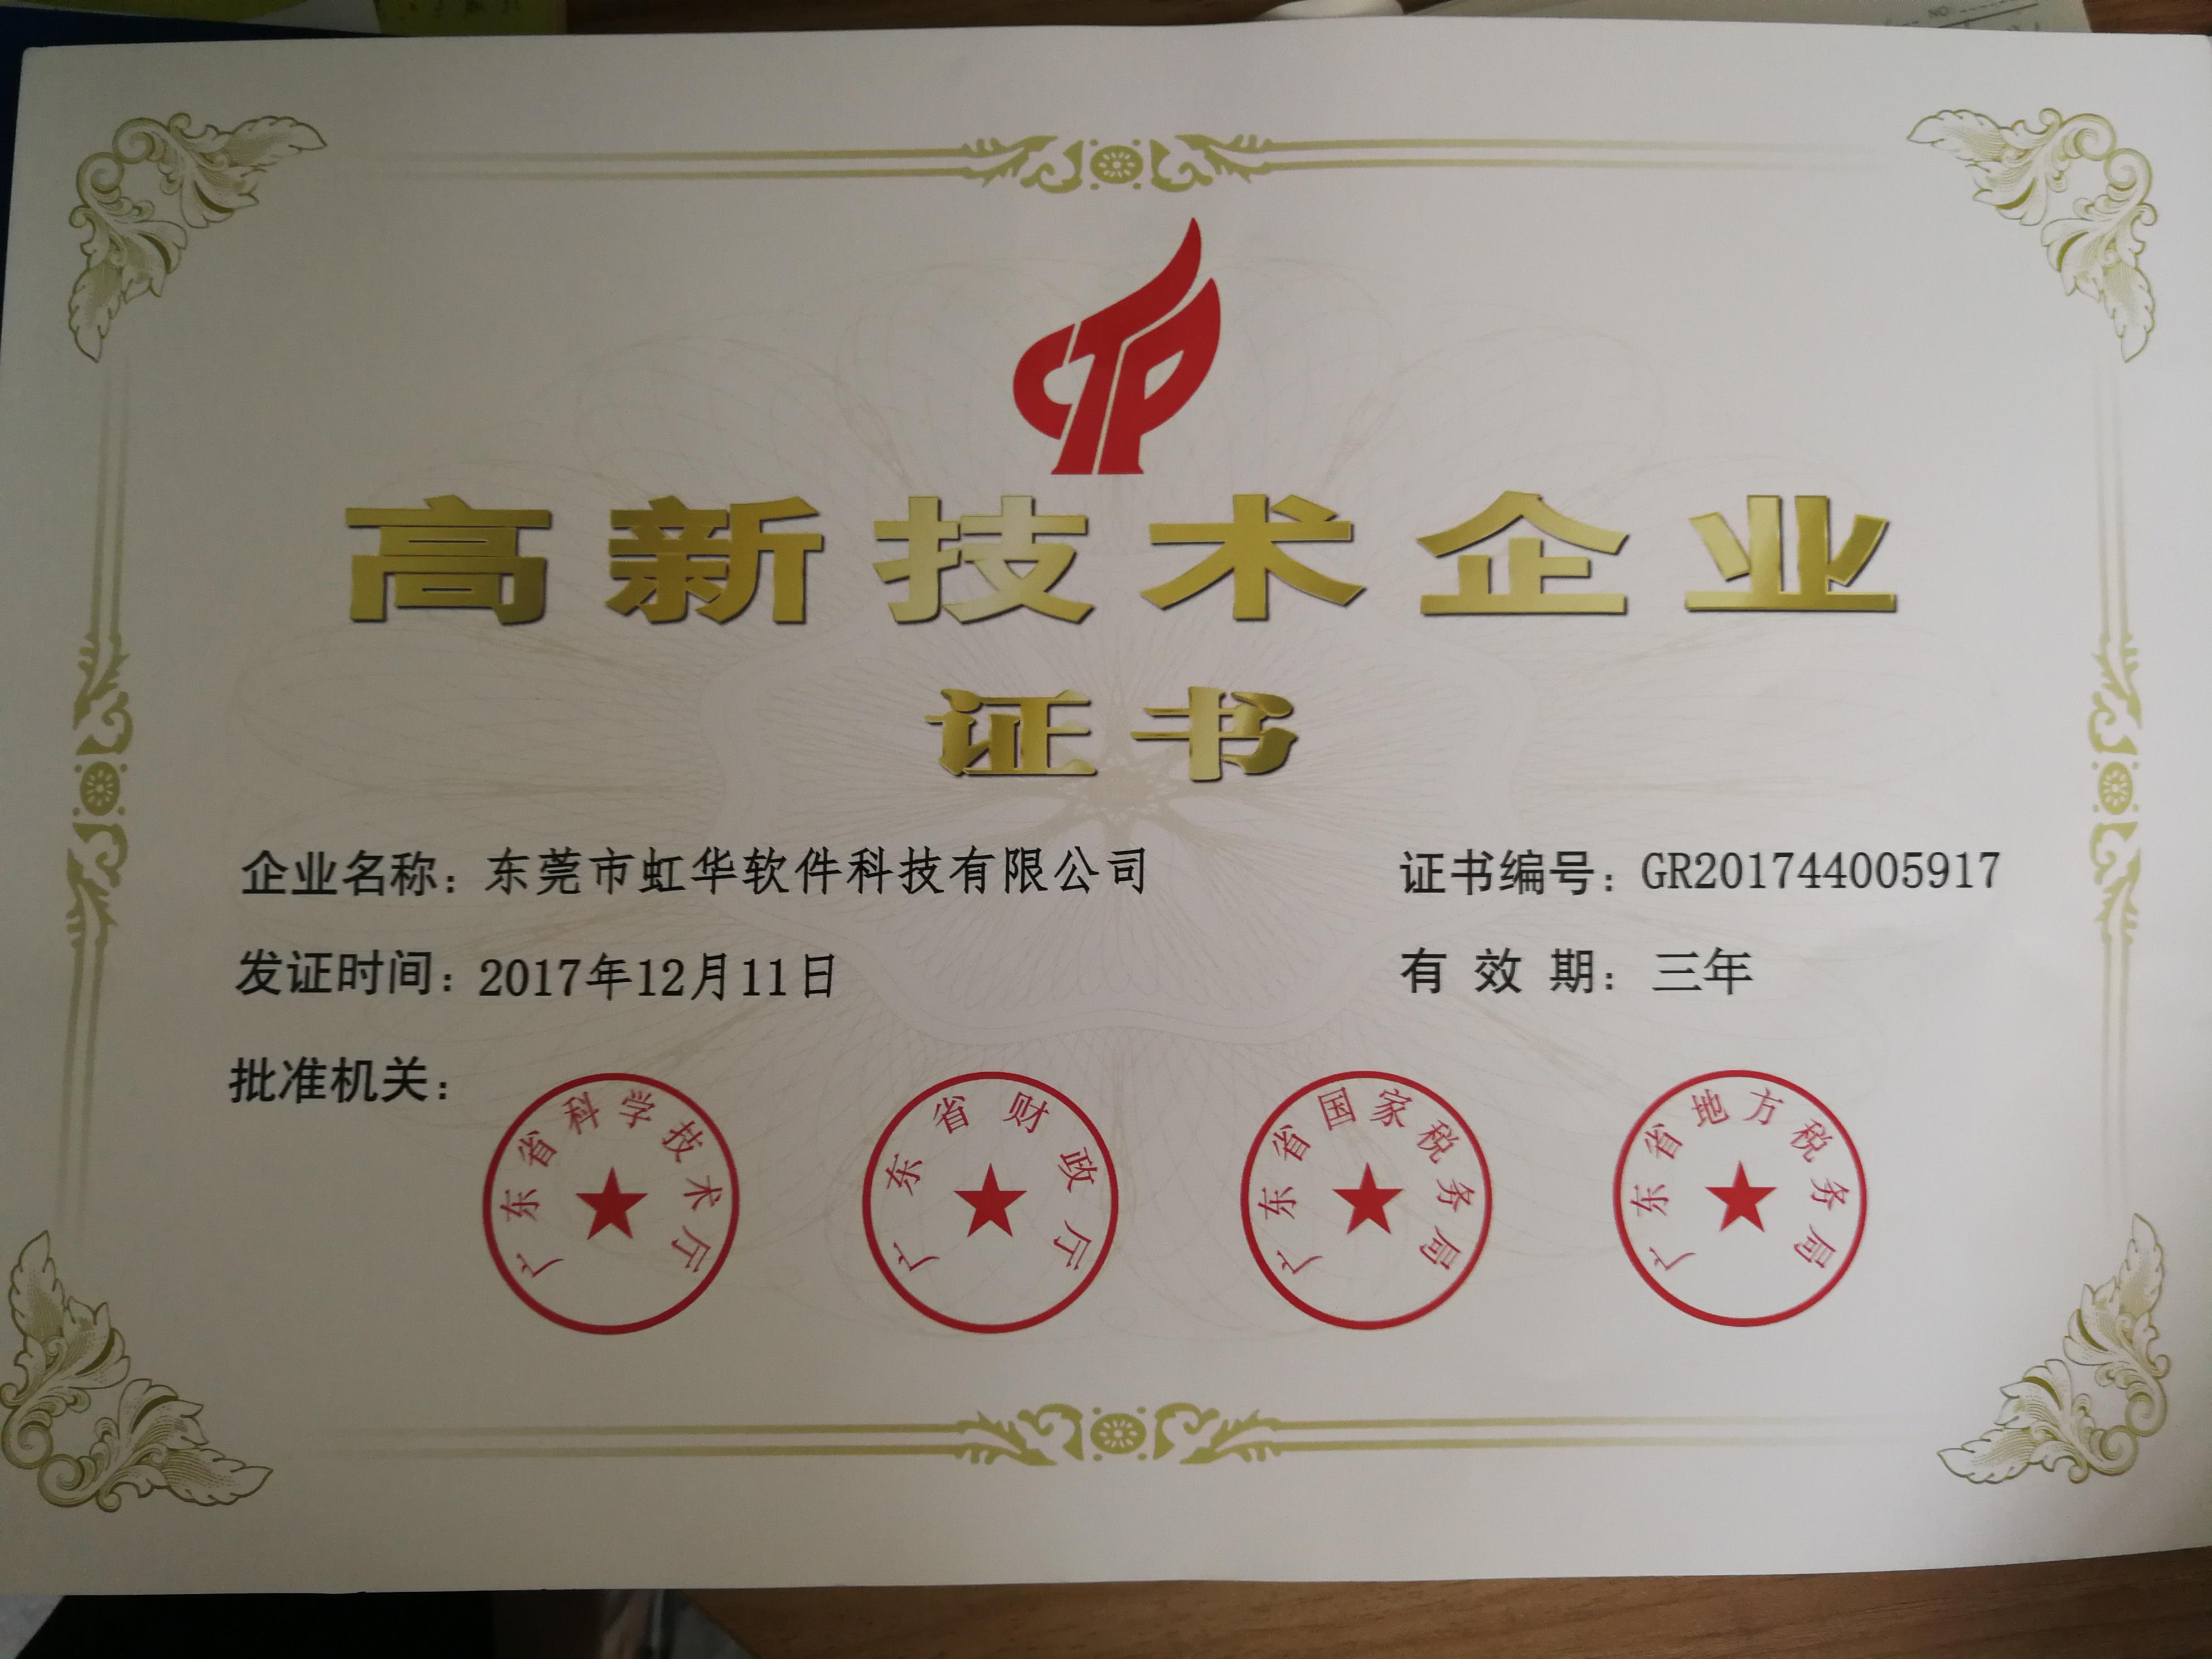 龙8国际登录认定为广东省高新科技企业